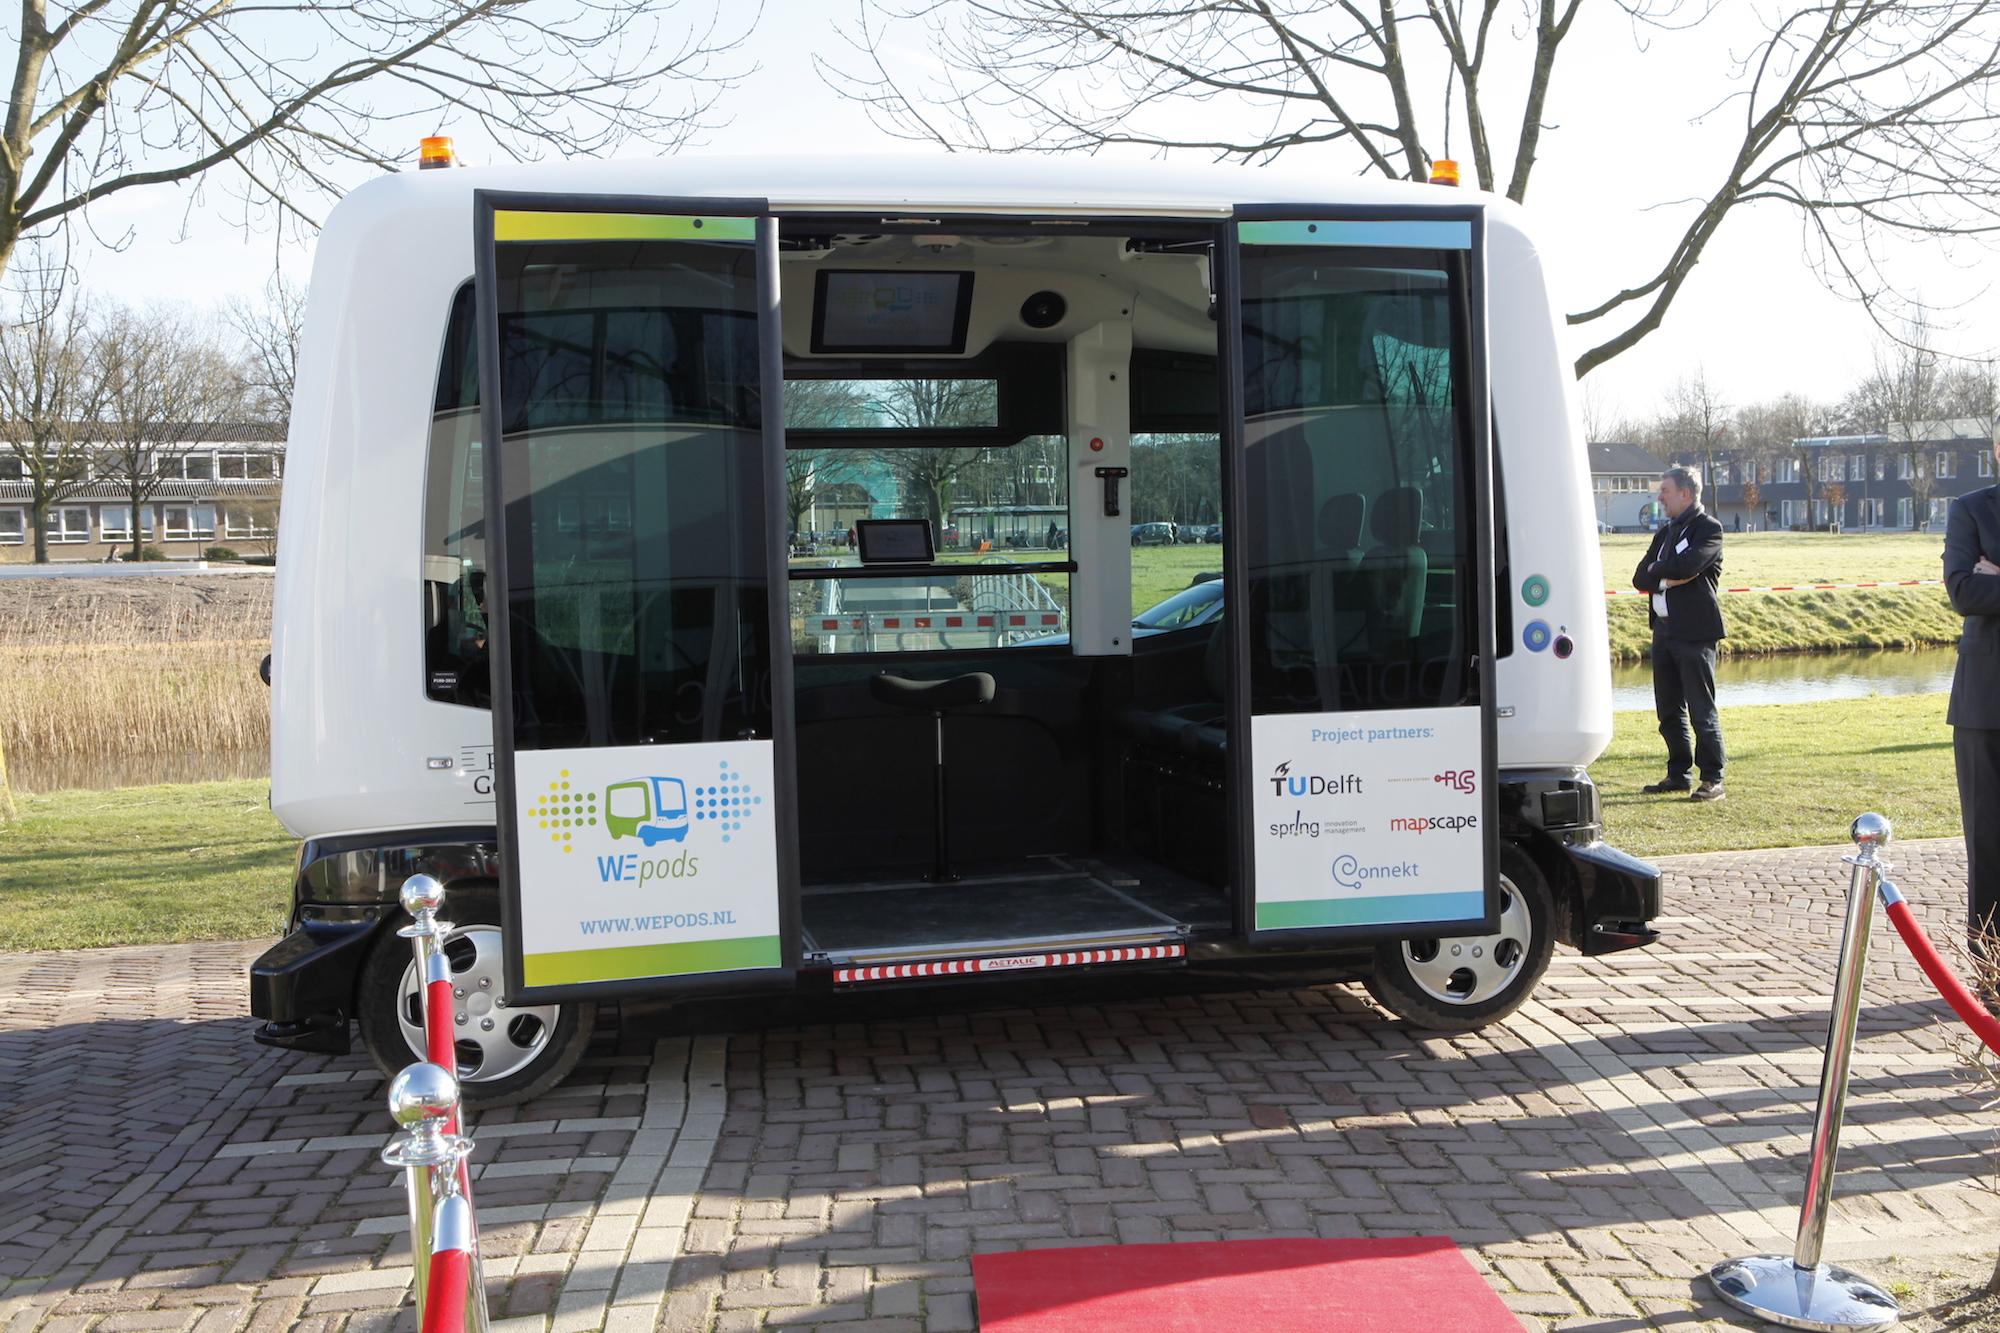 Este autobús sin conductor ya se mueve por las calles de Holanda